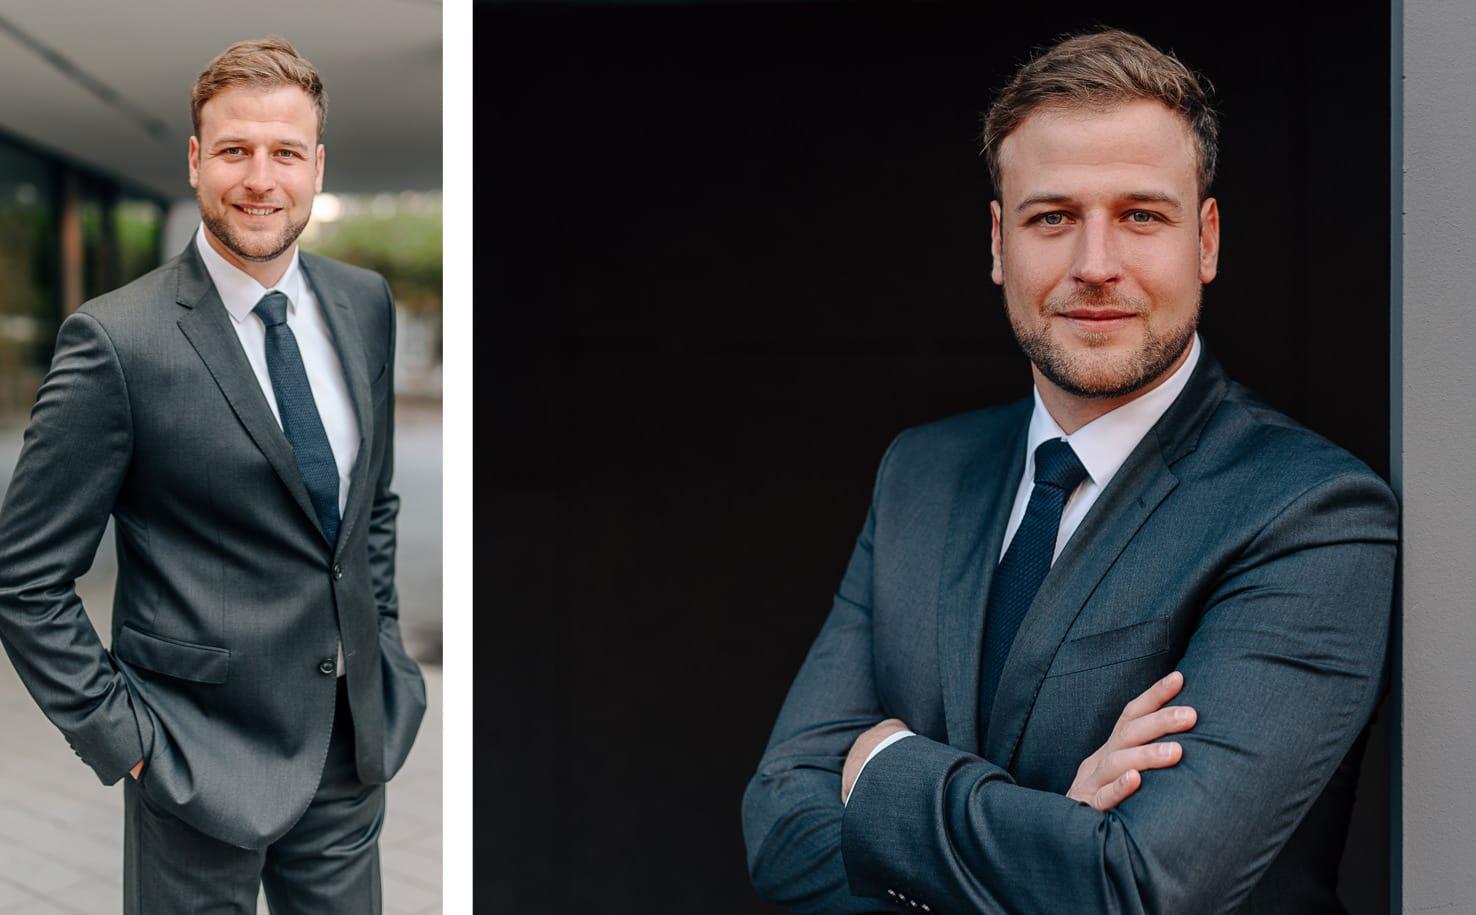 Professionelle Bewerbungsfotos mit Business Charakter: Tipps für gute Bewerbungsbilder vom Profi